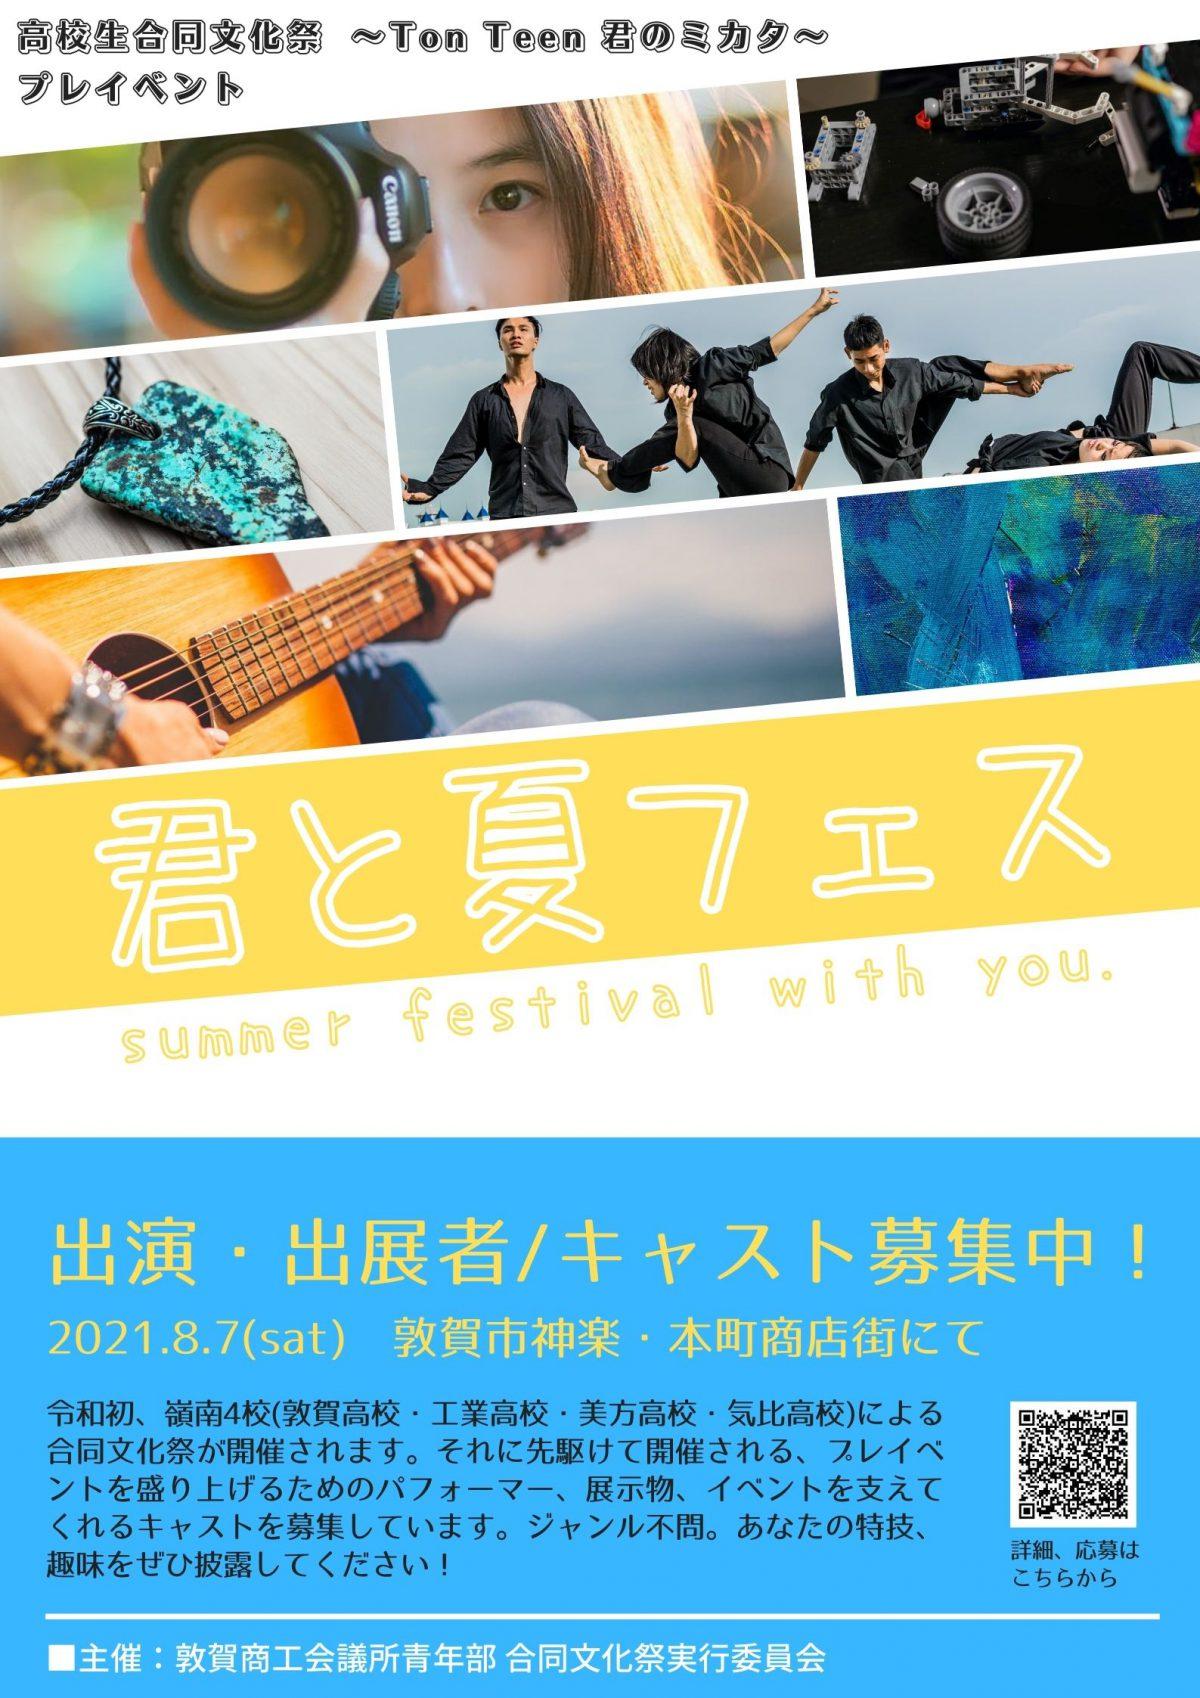 高校生合同文化祭~Ton Teen 君のミカタ~プレイベントを開催します